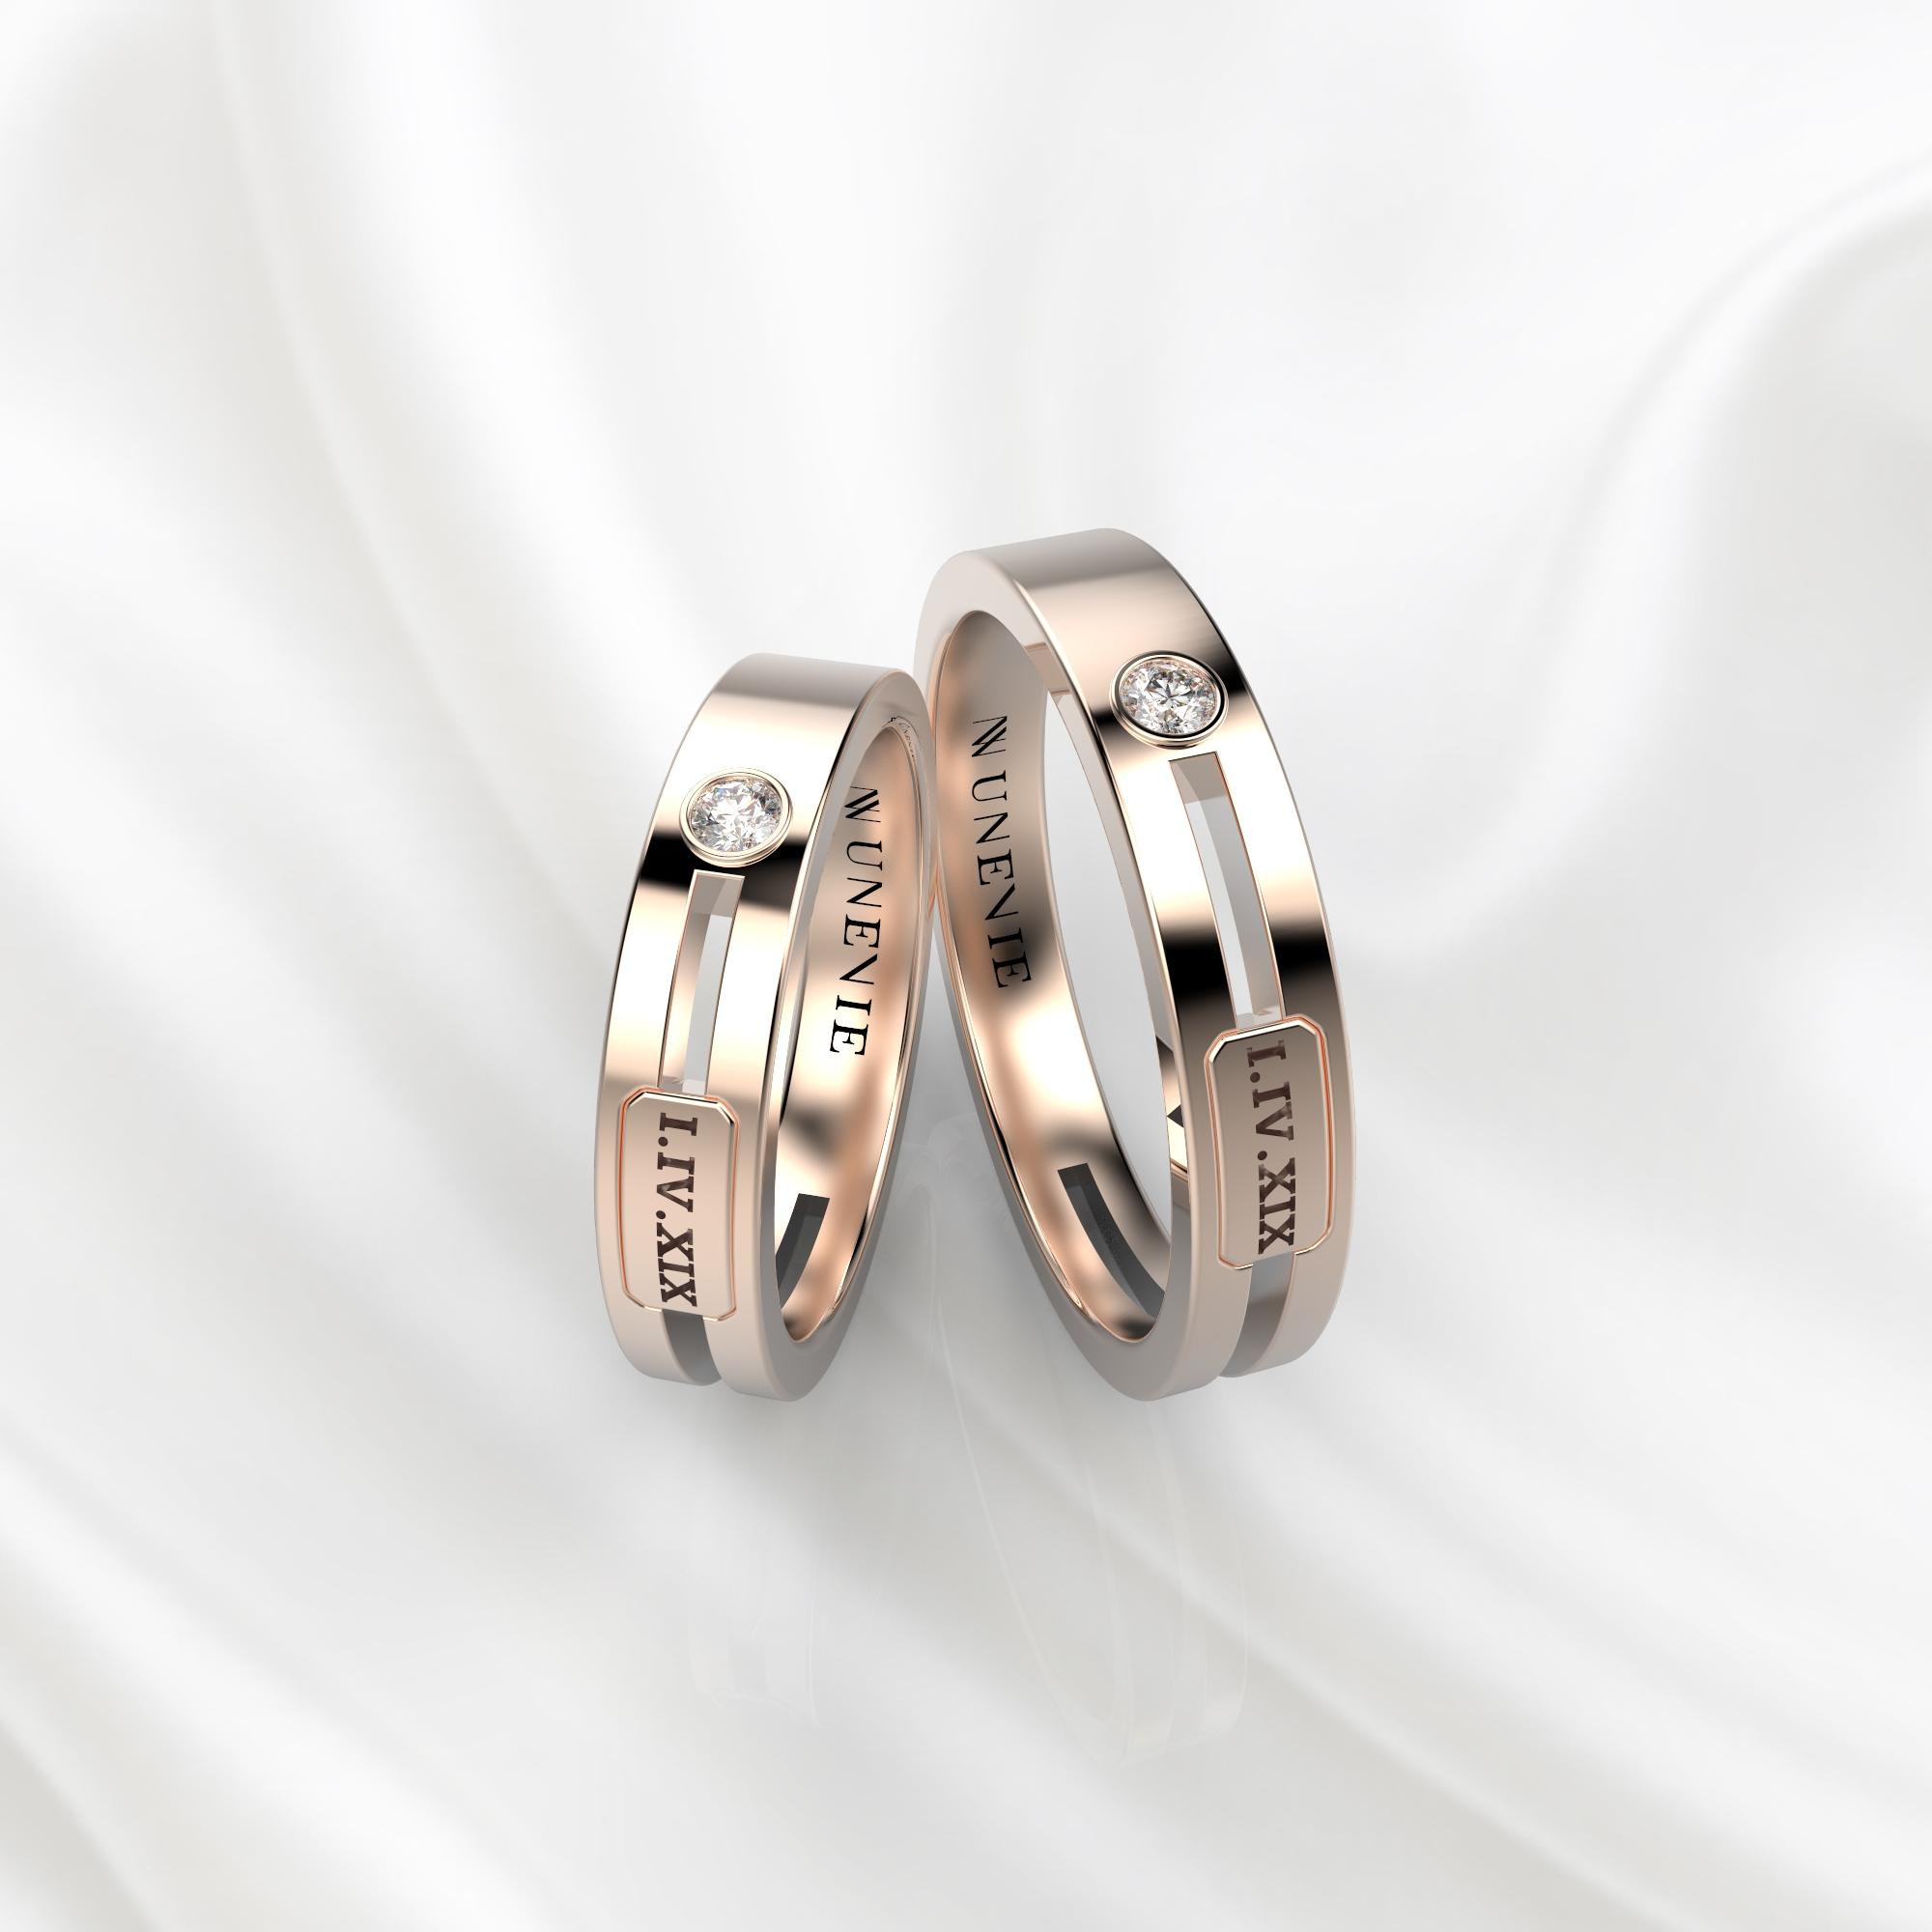 NV55 Парные обручальные кольца из розового золота с бриллиантами